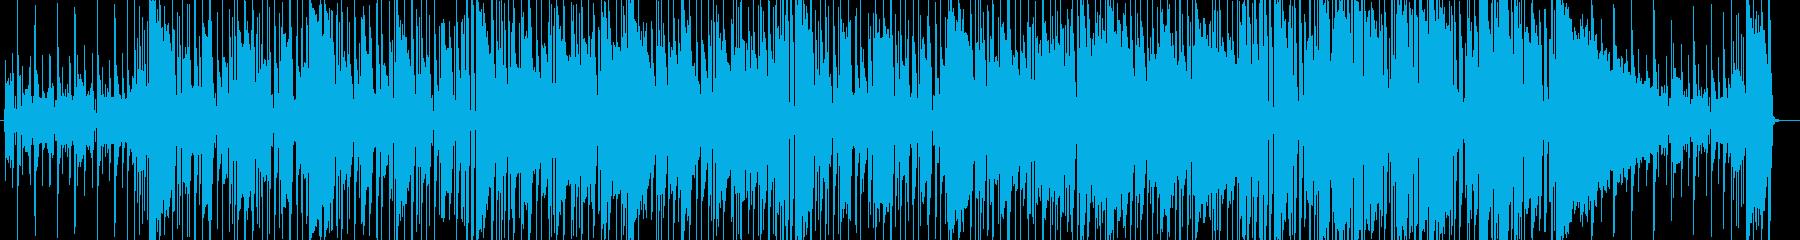 無機質で不思議なフュージョンの再生済みの波形